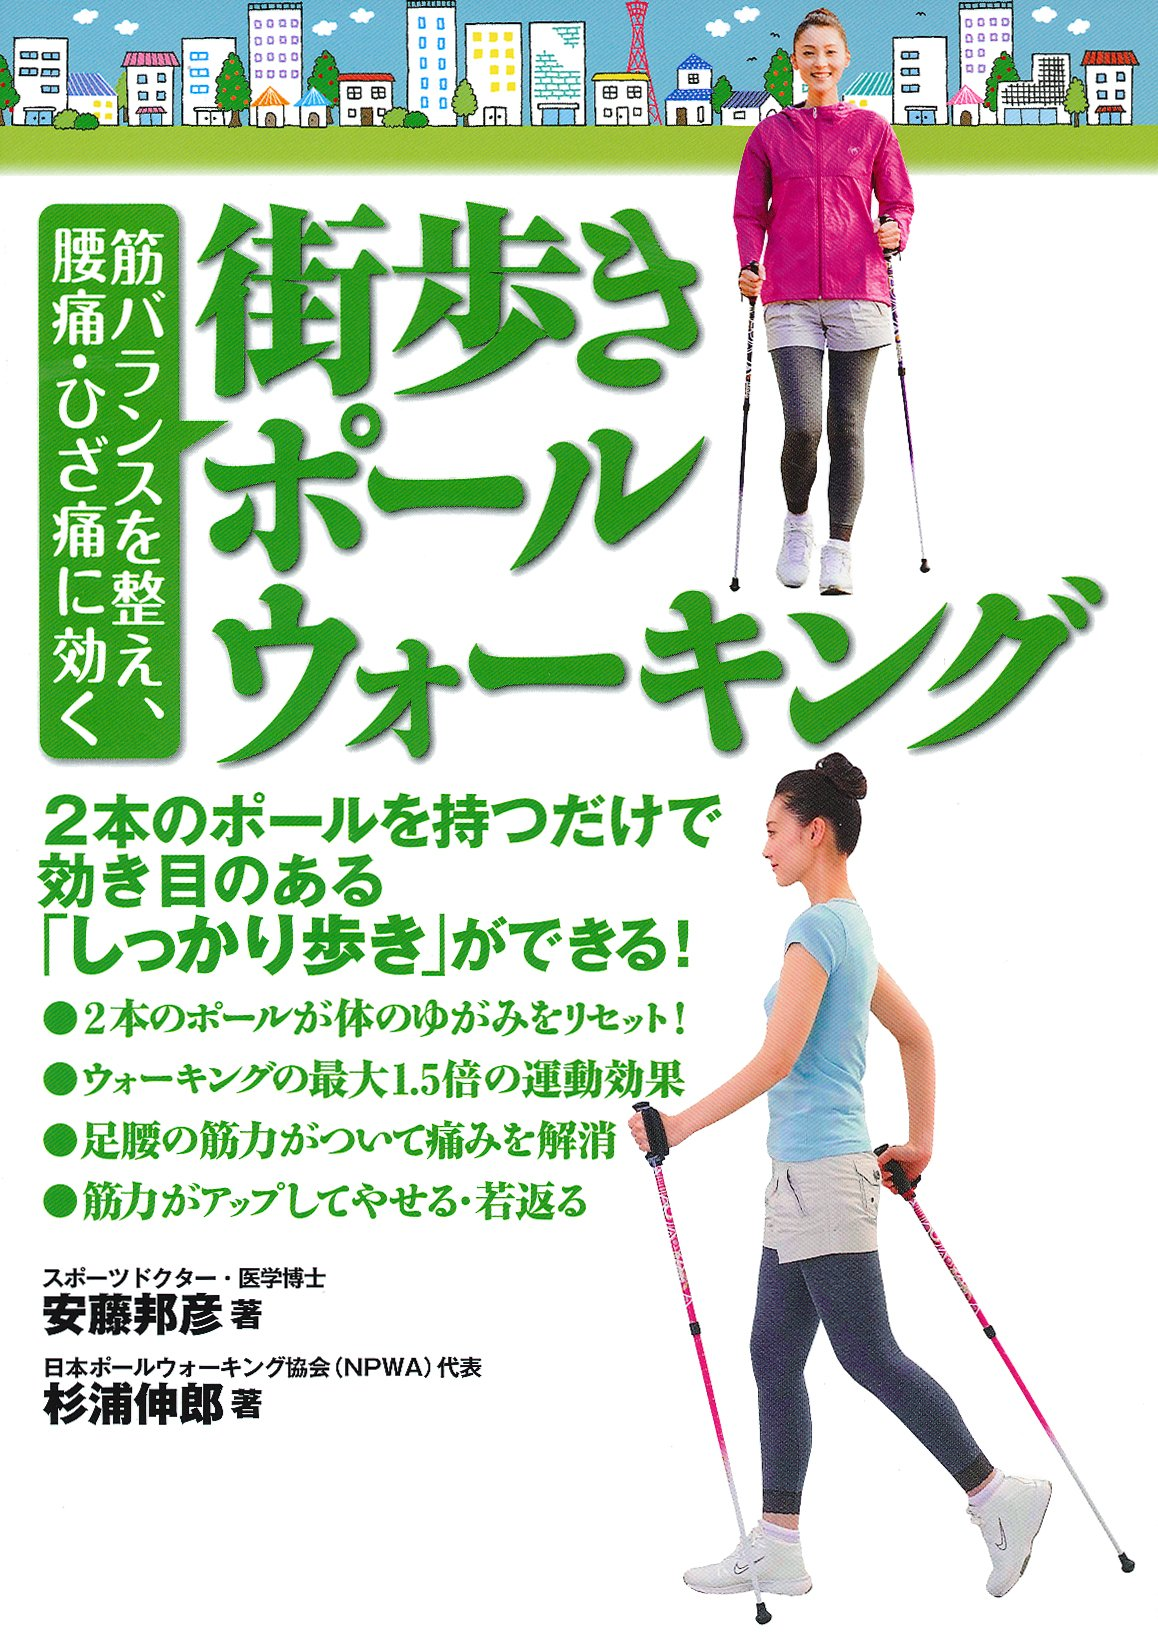 腰痛 歩き すぎ 立ち仕事、歩きすぎで痛い腰痛対策!胸郭の柔らかさをあげる方法!